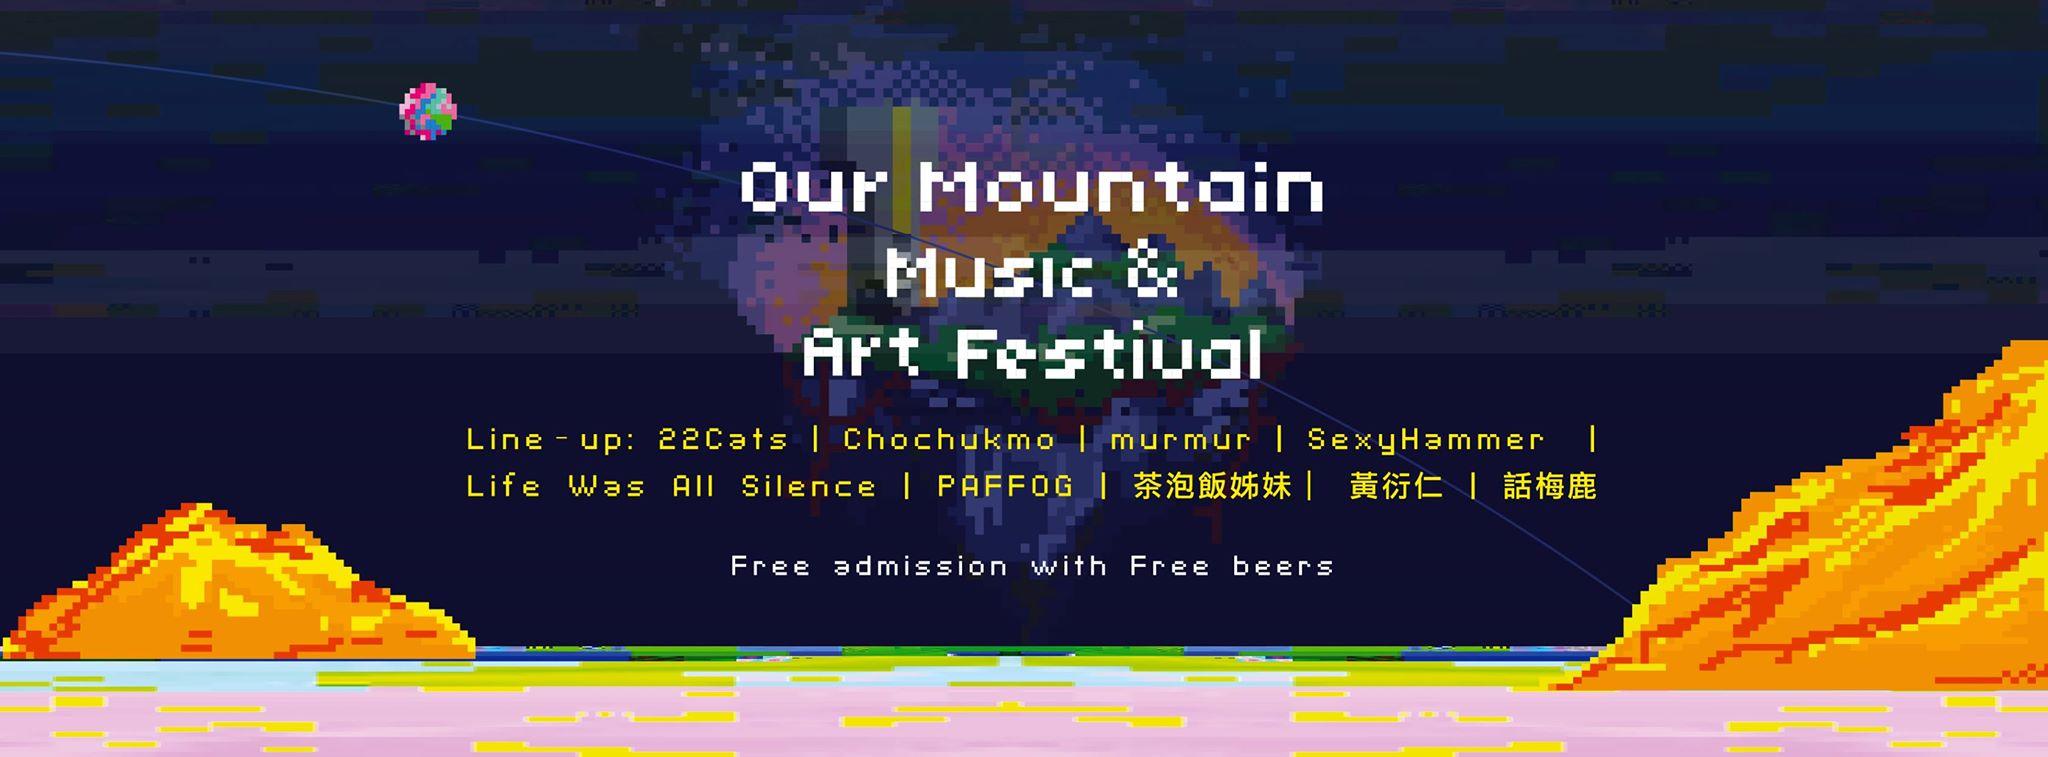 山城音樂祭